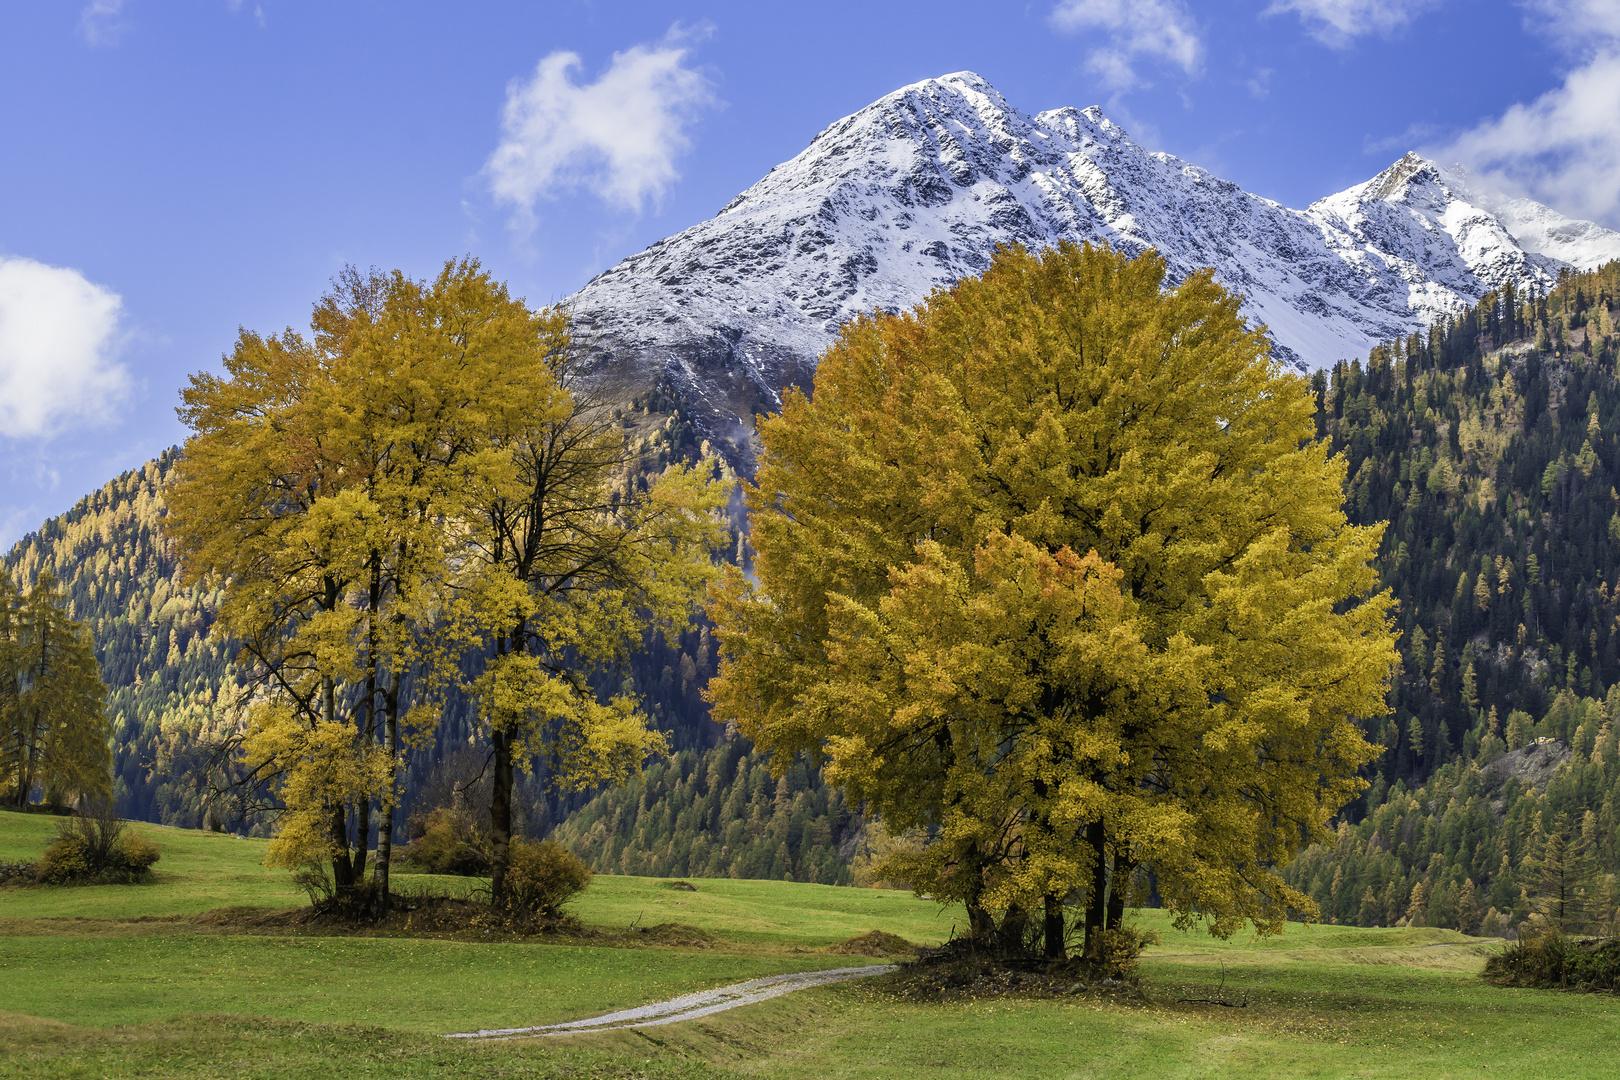 Herbstlicher Laubbaumtraum - IV